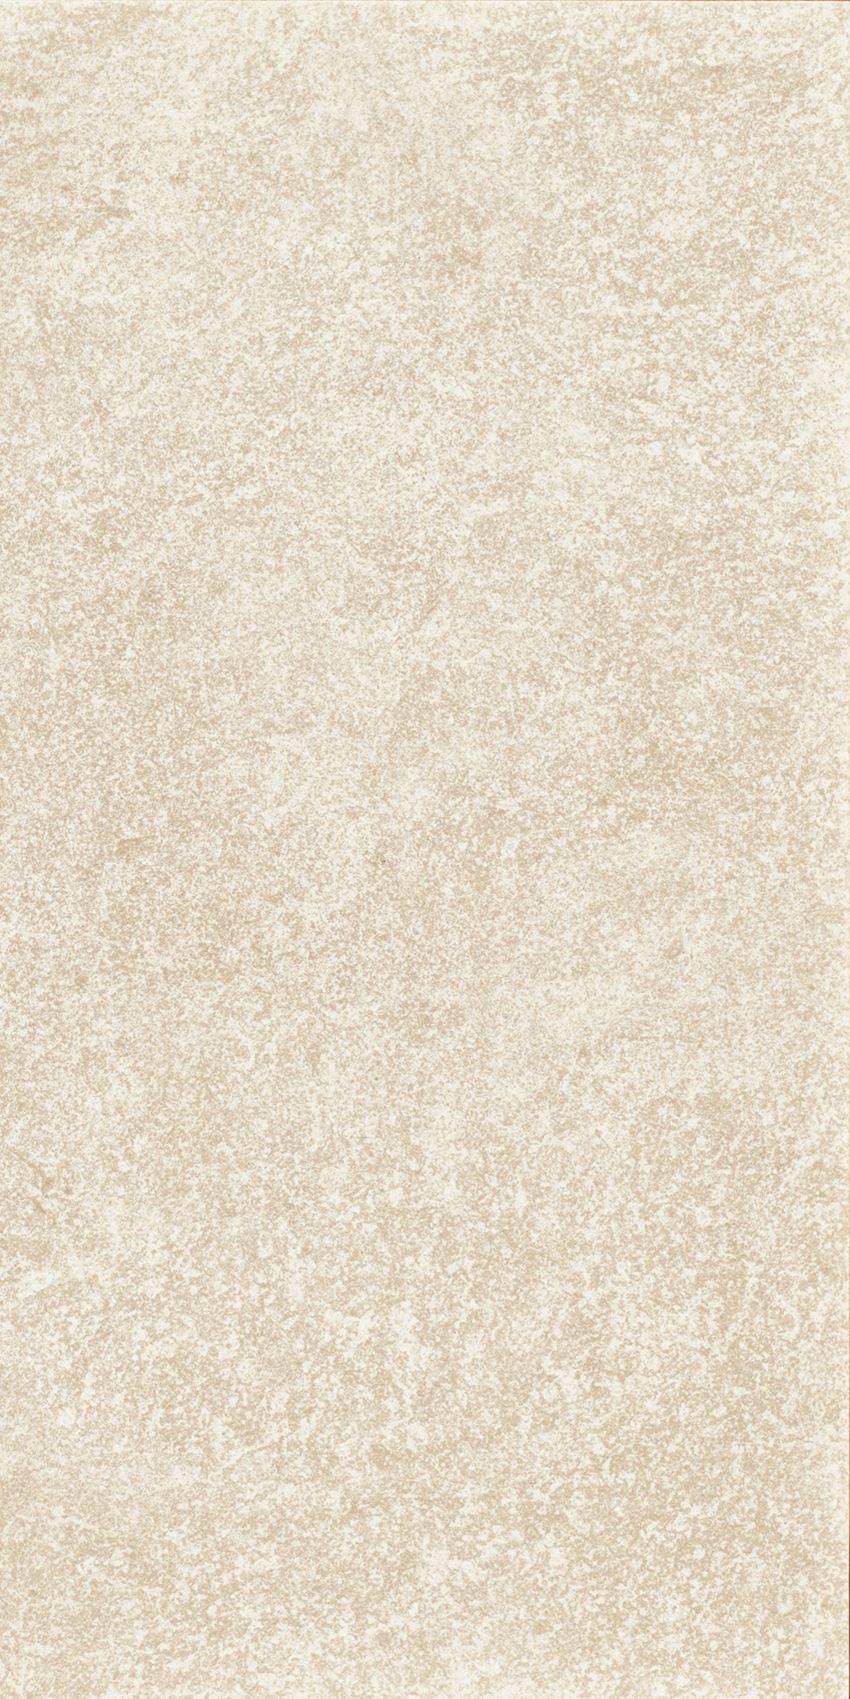 Płytka uniwersalna 30x60 cm Paradyż Flash Bianco Gres Szkl. Półpoler